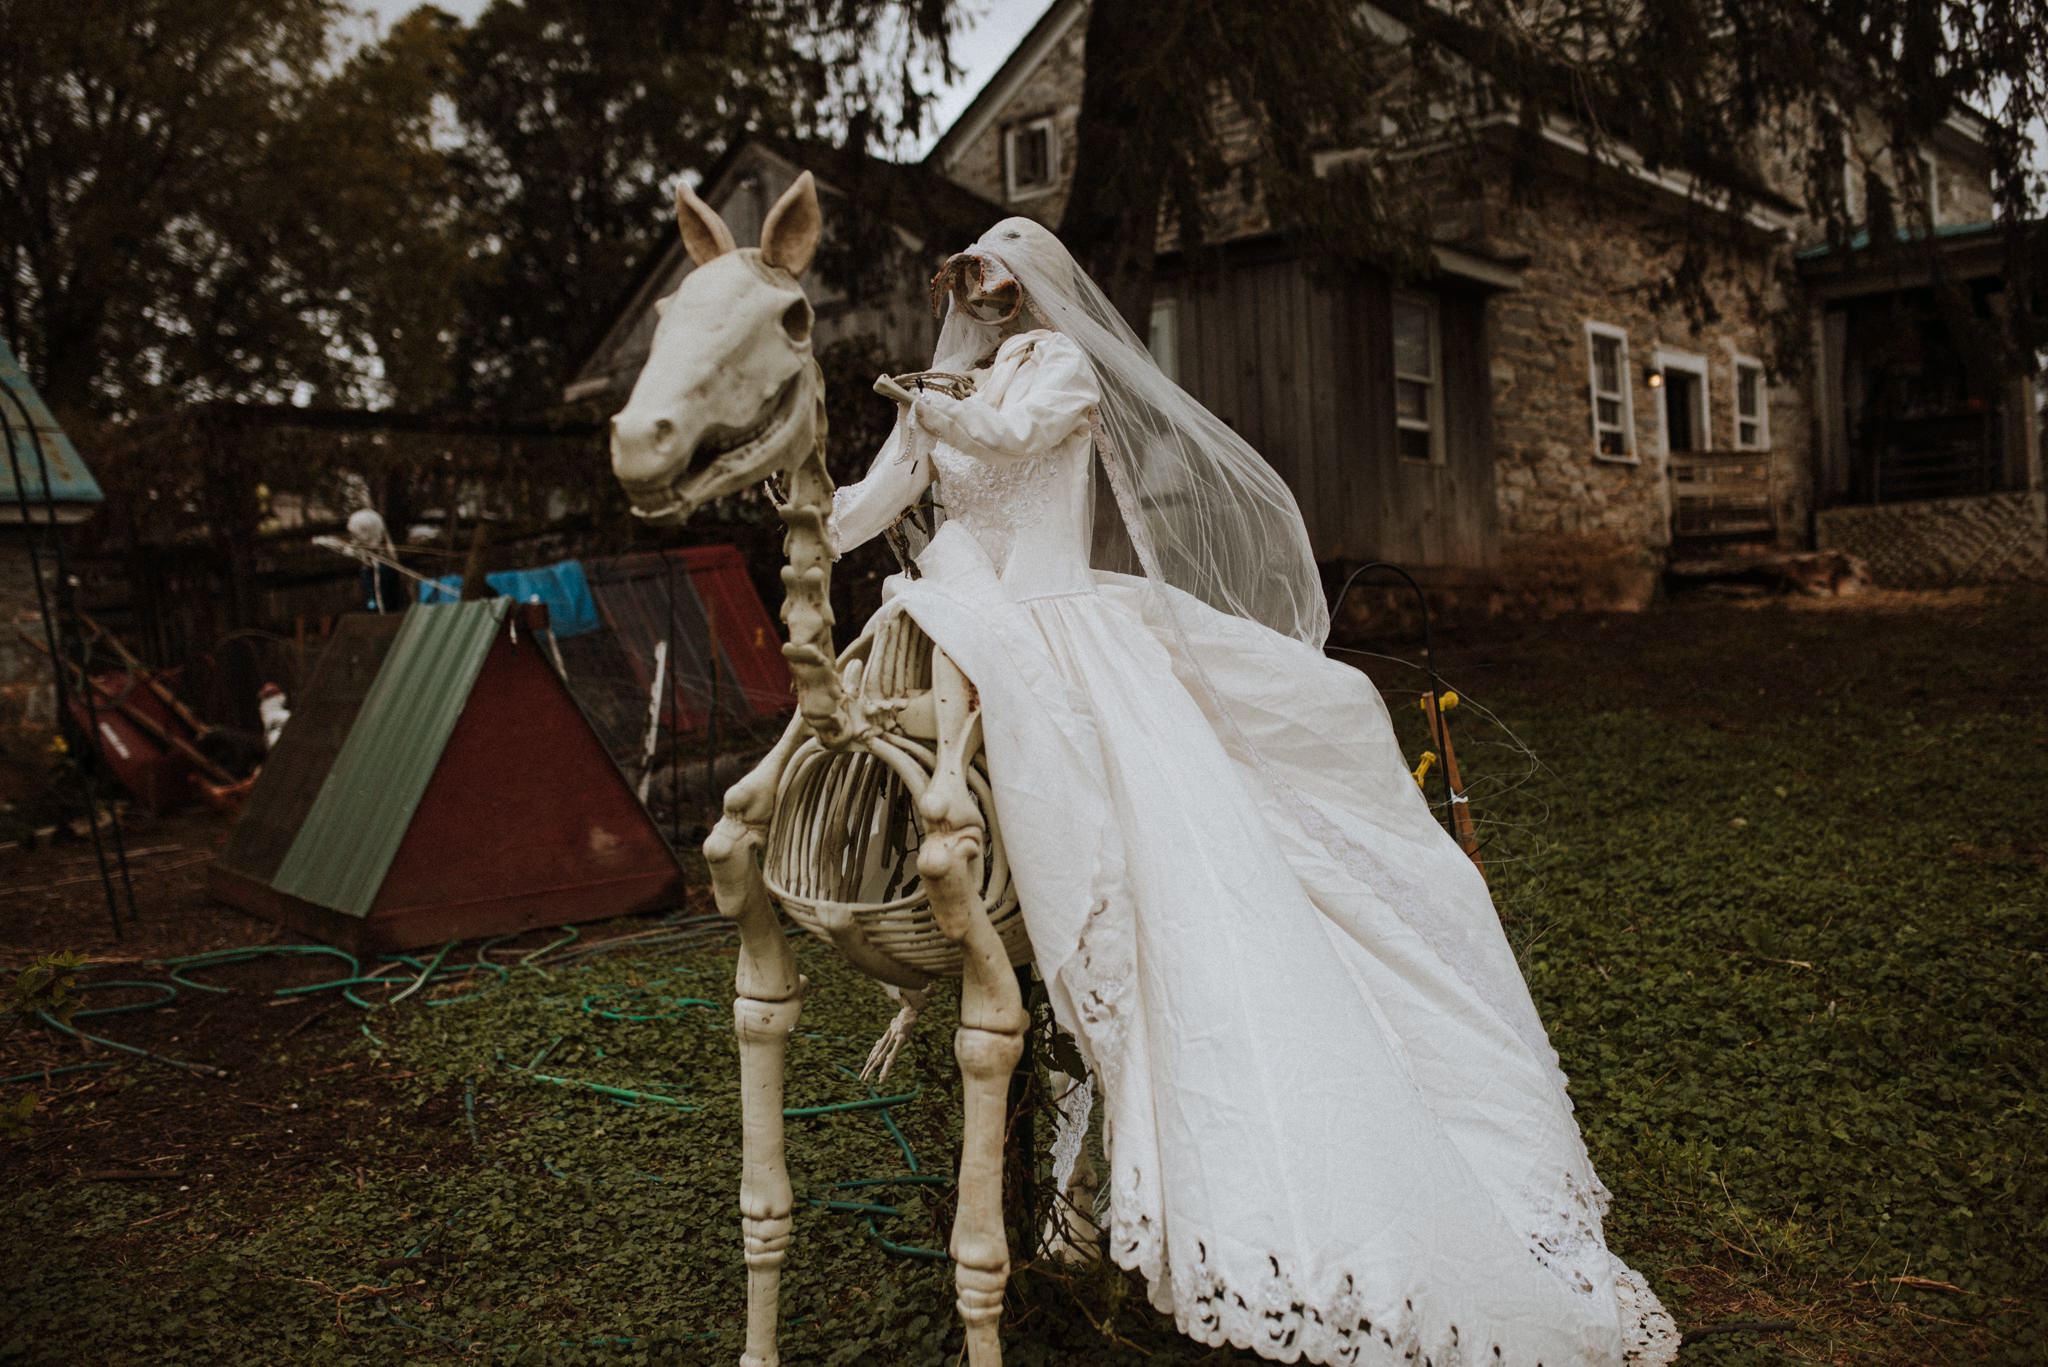 West Virginia Farm Wedding